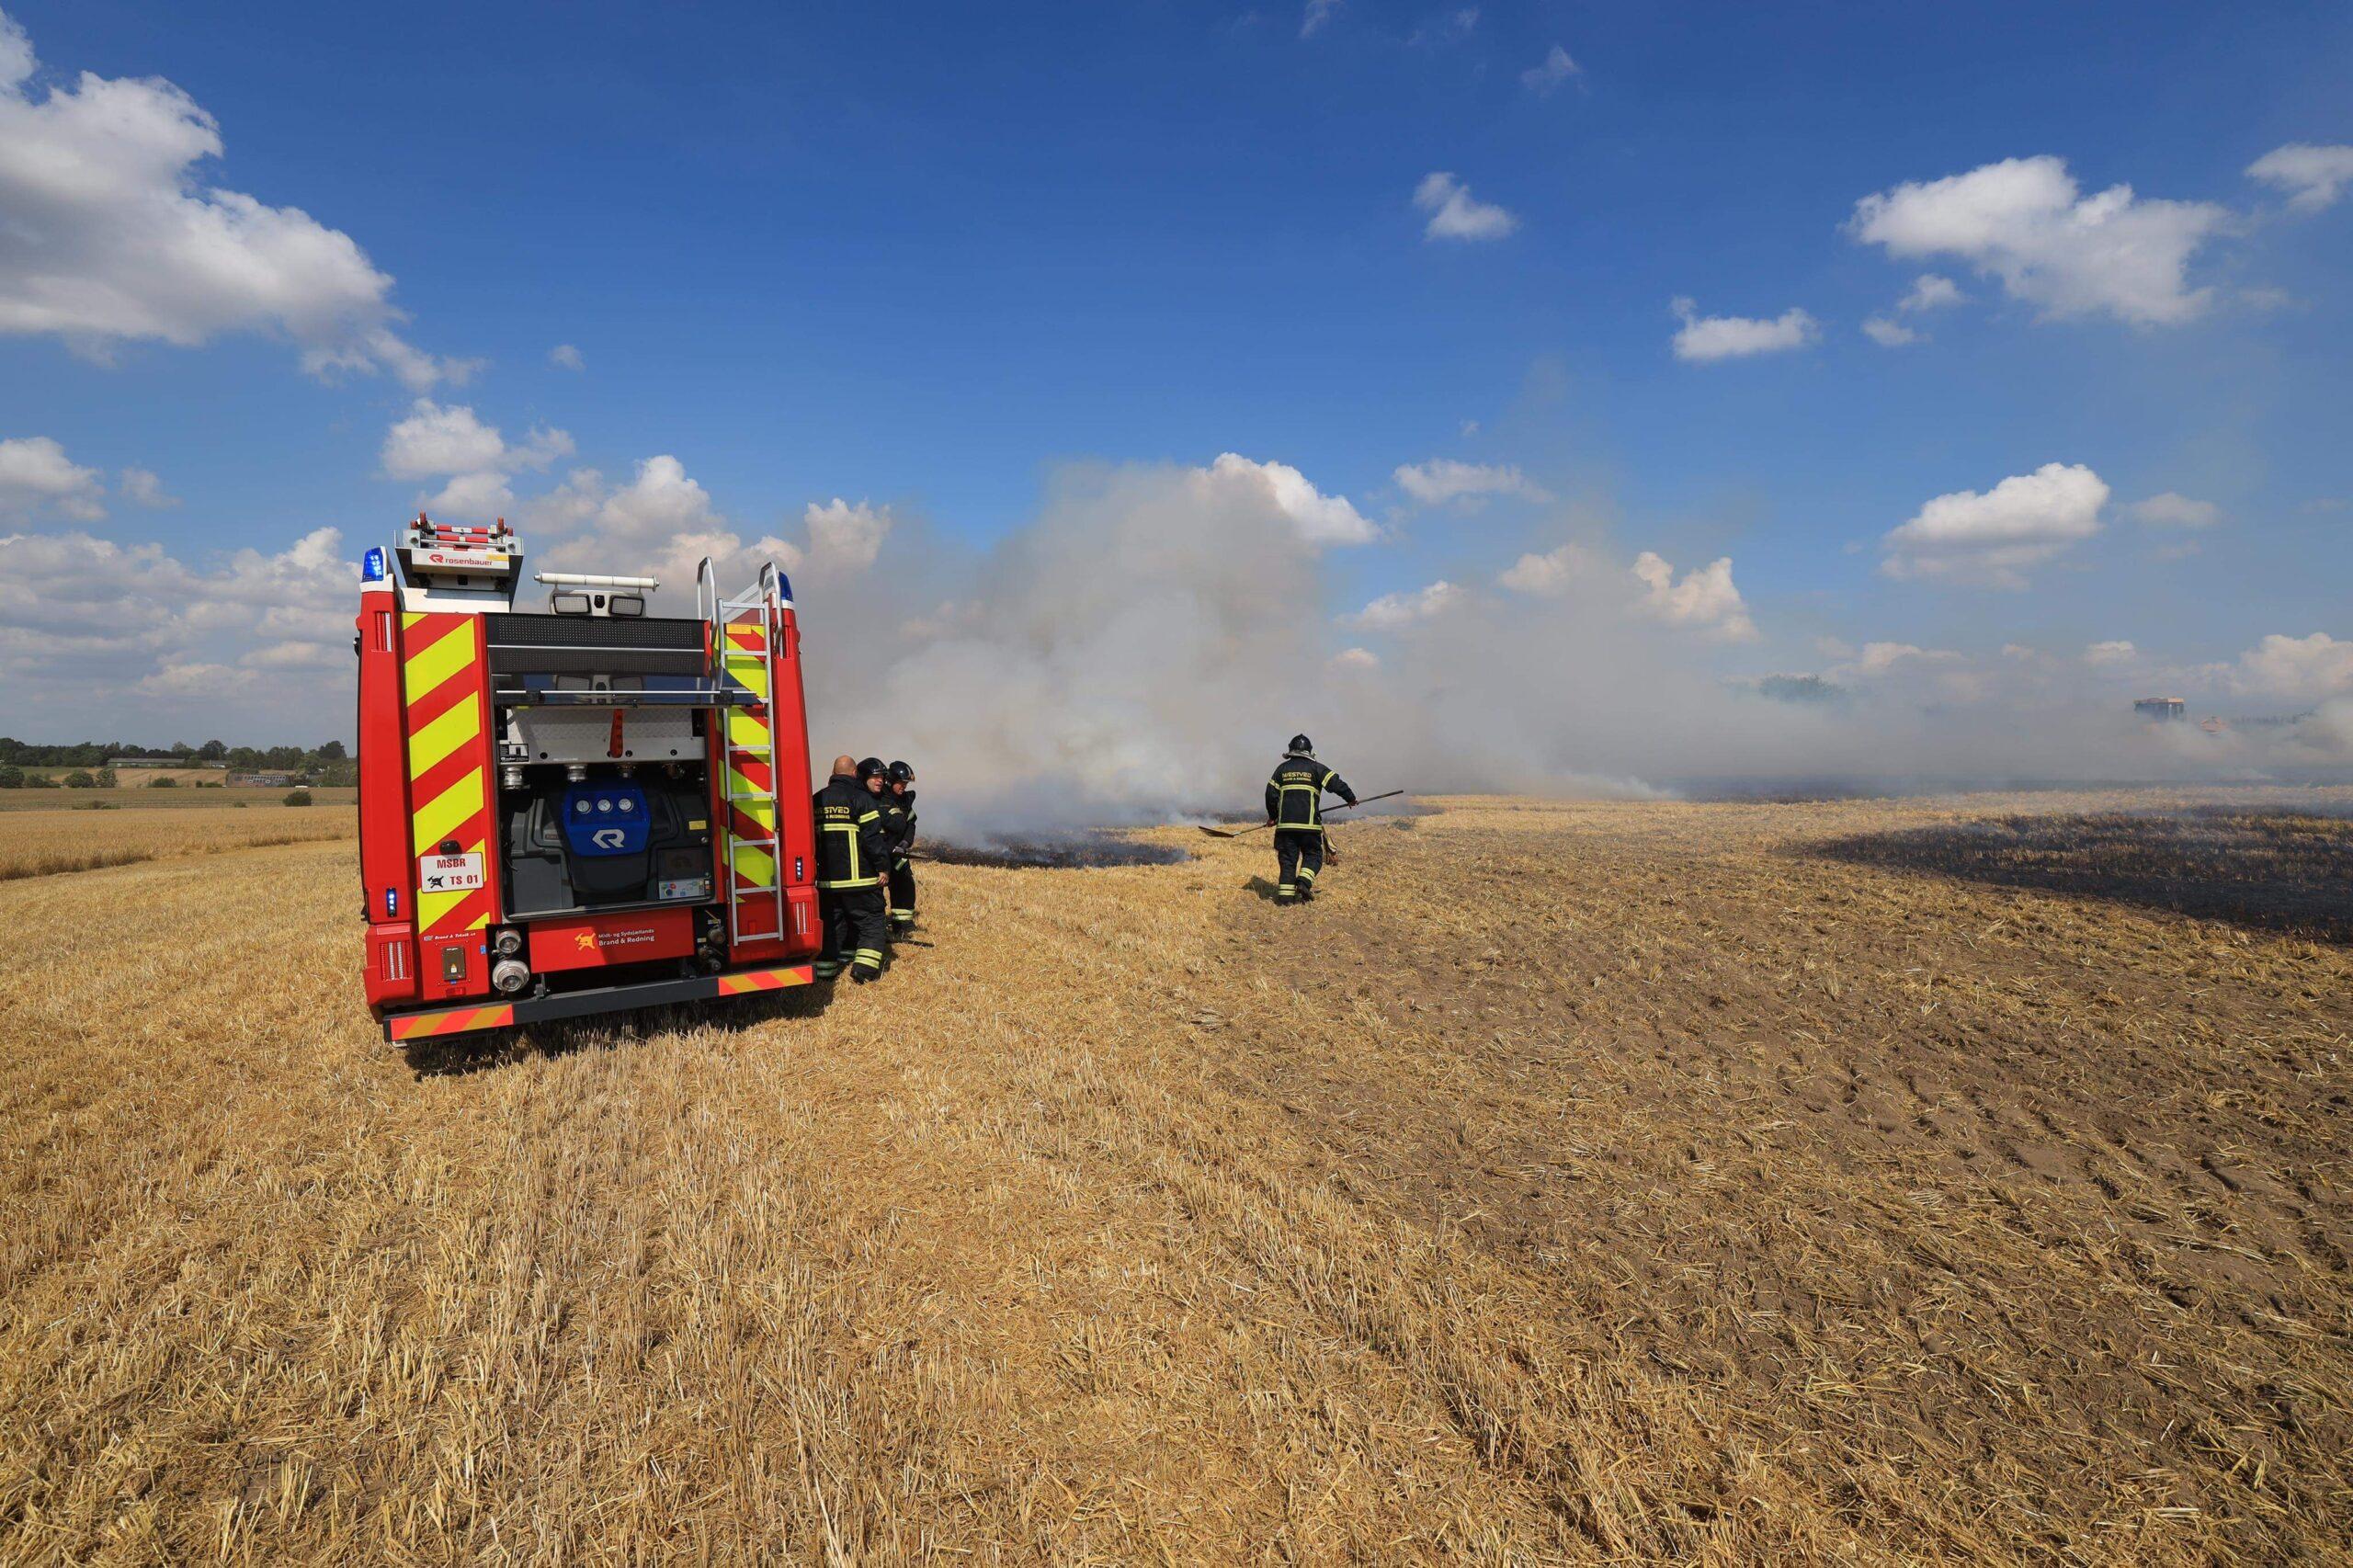 Mindre markbrand - slukningsarbejdet er i gang